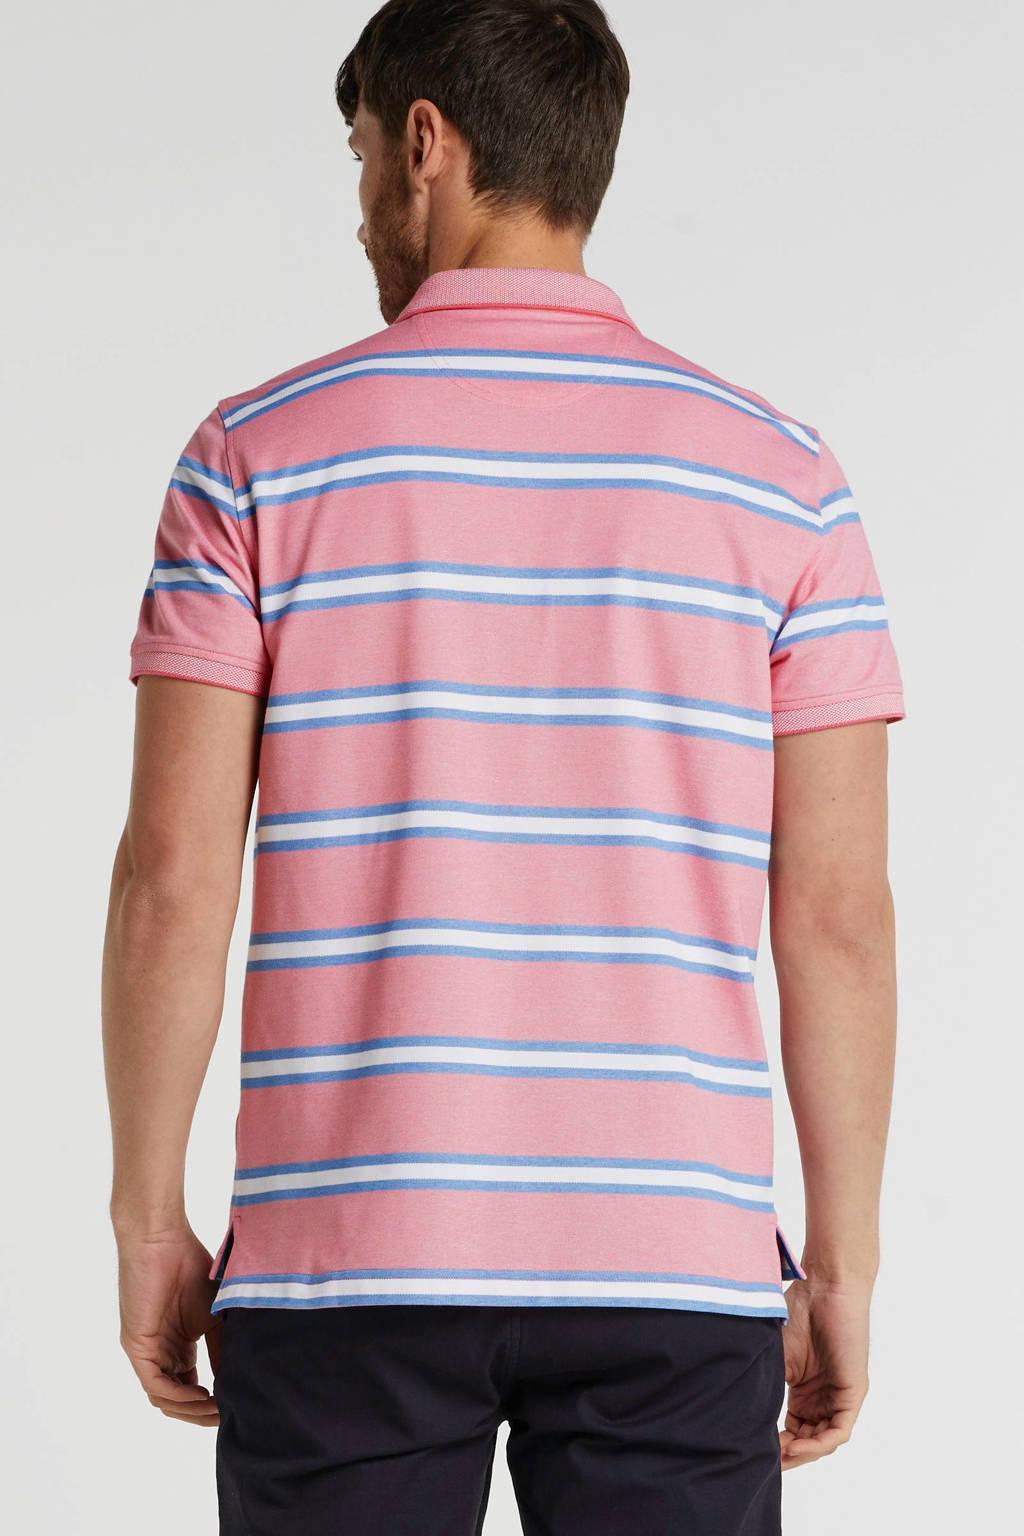 IZOD gestreepte slim fit polo roze/wit/blauw, Roze/wit/blauw